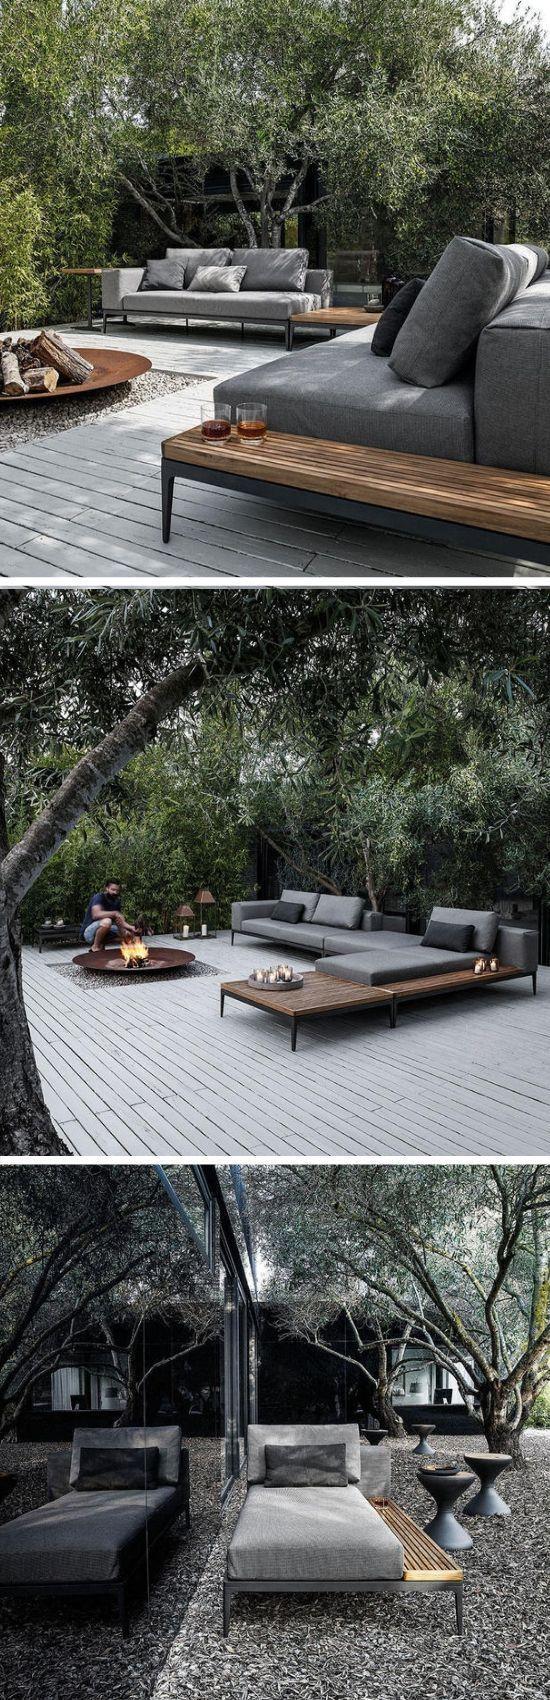 Terrasse war gestern. Chillout-Bereich ist heute. #happyhausbau # dreamhouse2019 #wir…